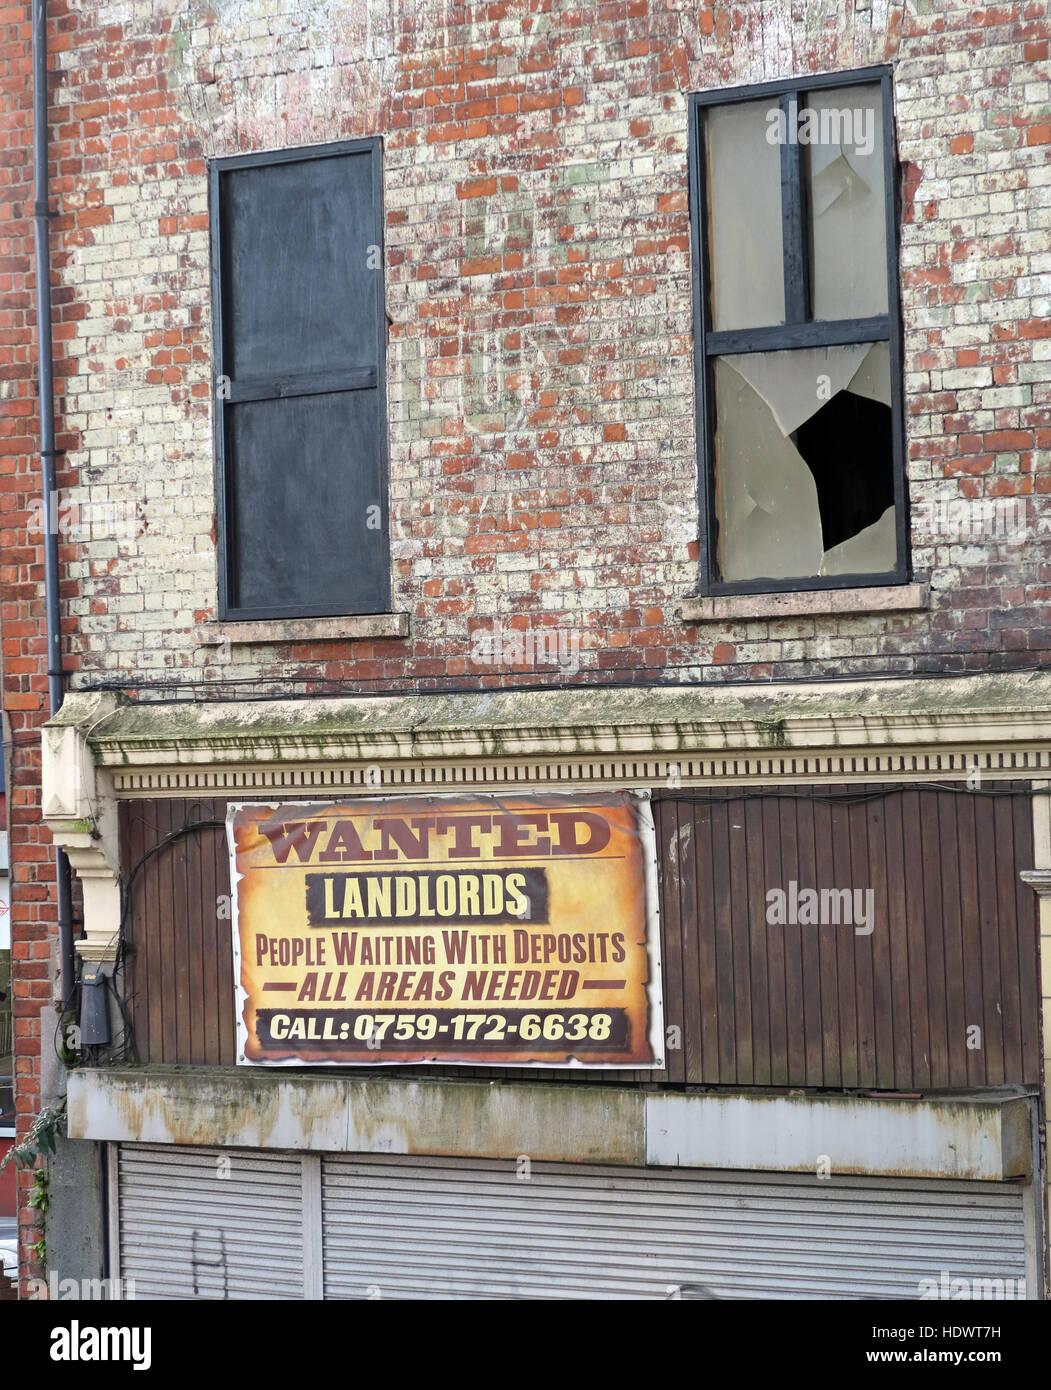 Laden Sie dieses Alamy Stockfoto Heruntergekommenen Vermietung Unterkunft - Vermieter wollte, Menschen warten mit Einlagen, ggf. alle Bereiche 0759-1726638 Belfast nennen - HDWT7H